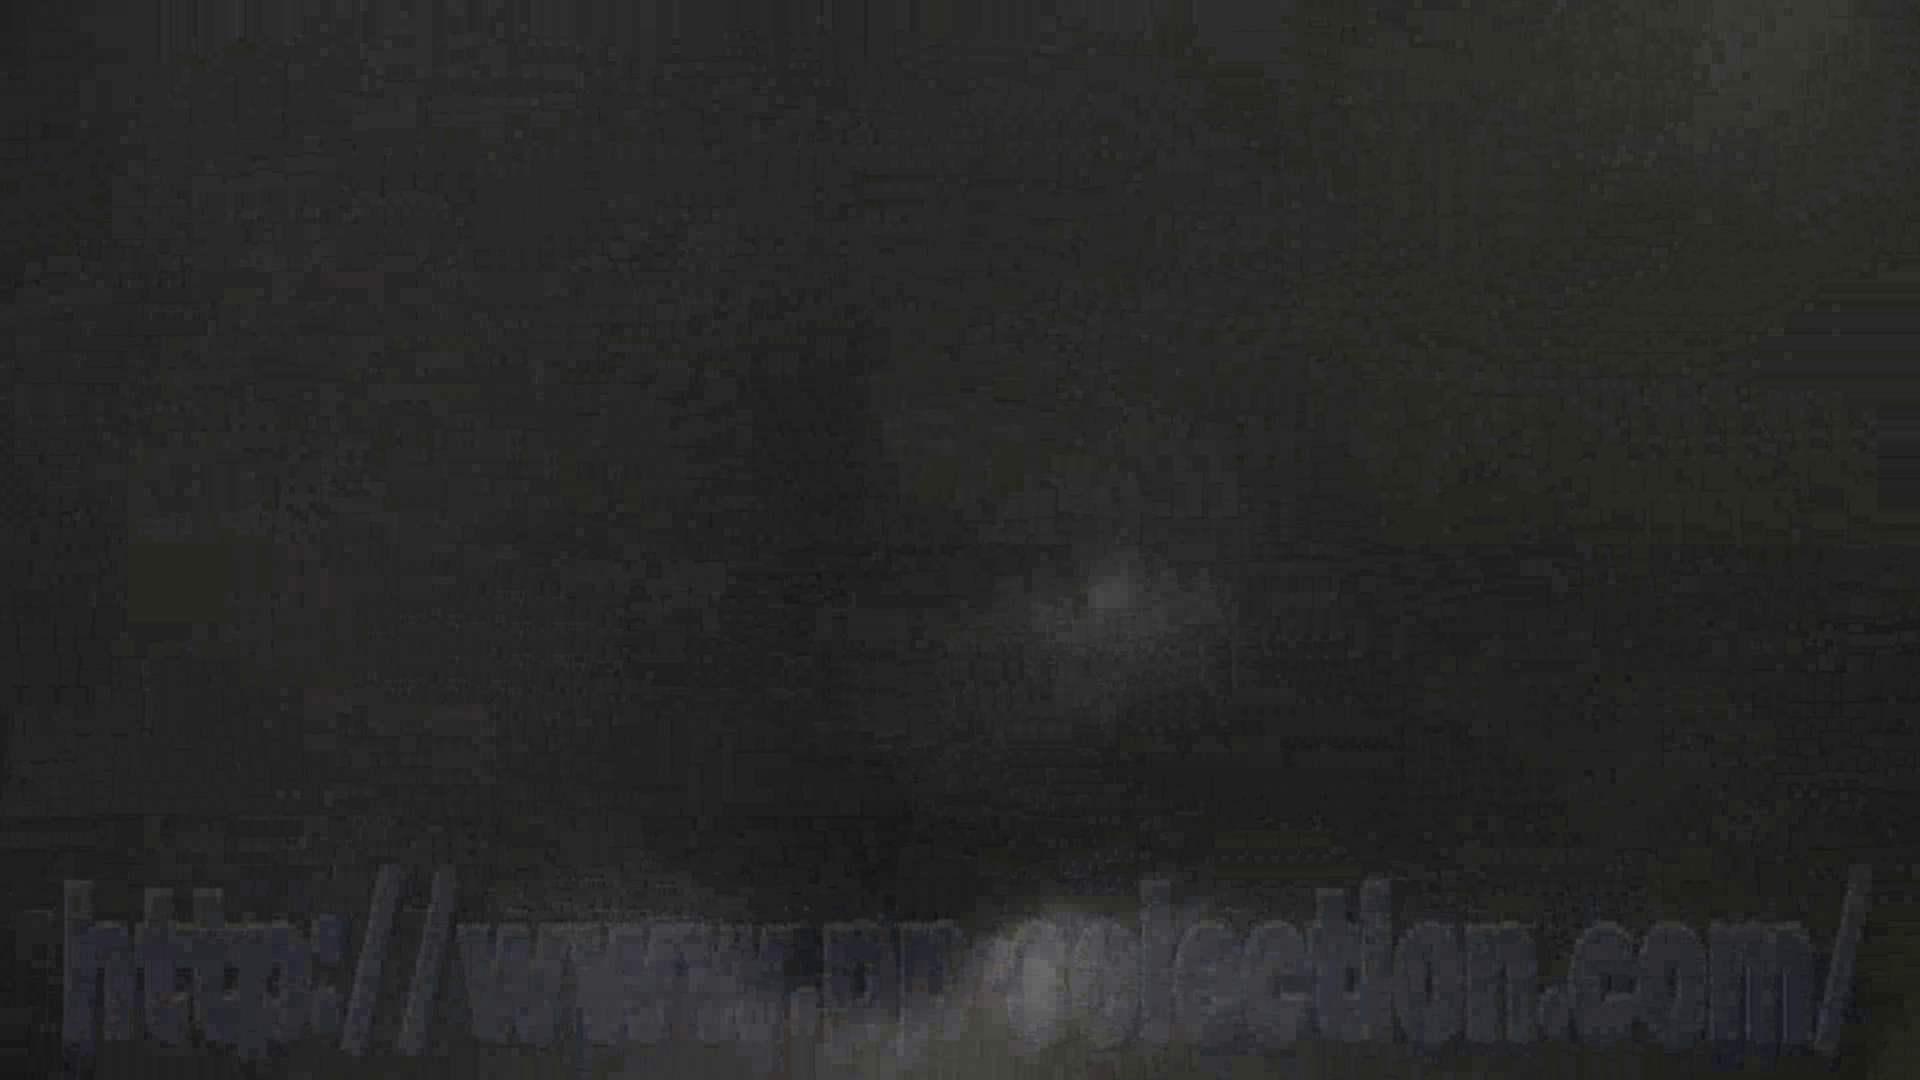 なんだこれVol.12 美魔女登場、 HD万歳!! 違いが判る映像美!! 潜入   OLのエロ生活  69連発 59